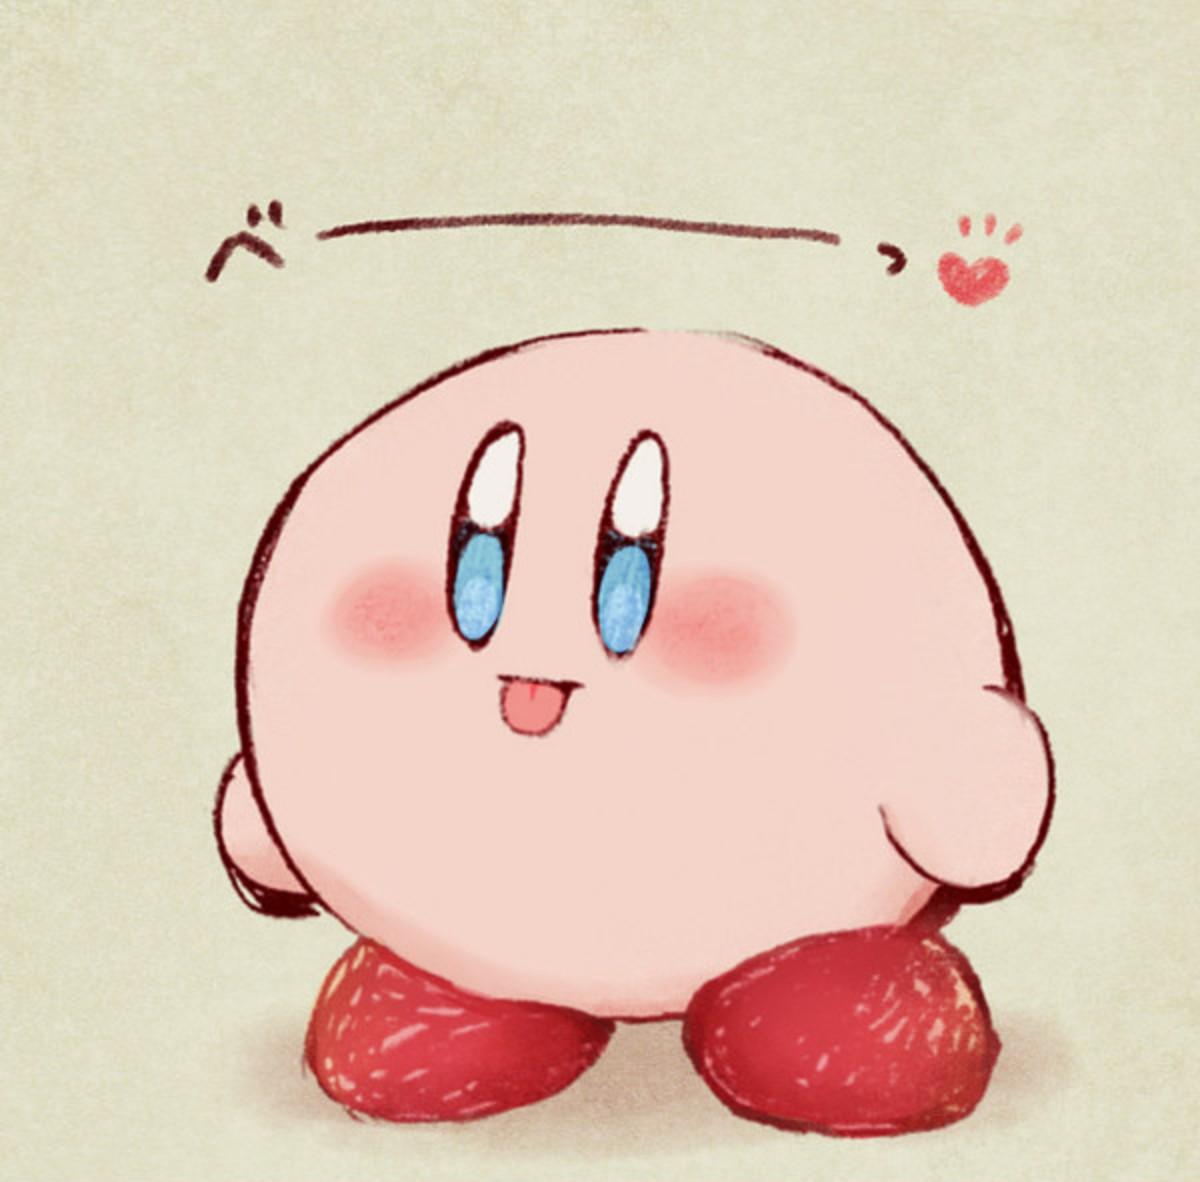 Pink guys weird adventures. .. Cutest ball of destruction ever